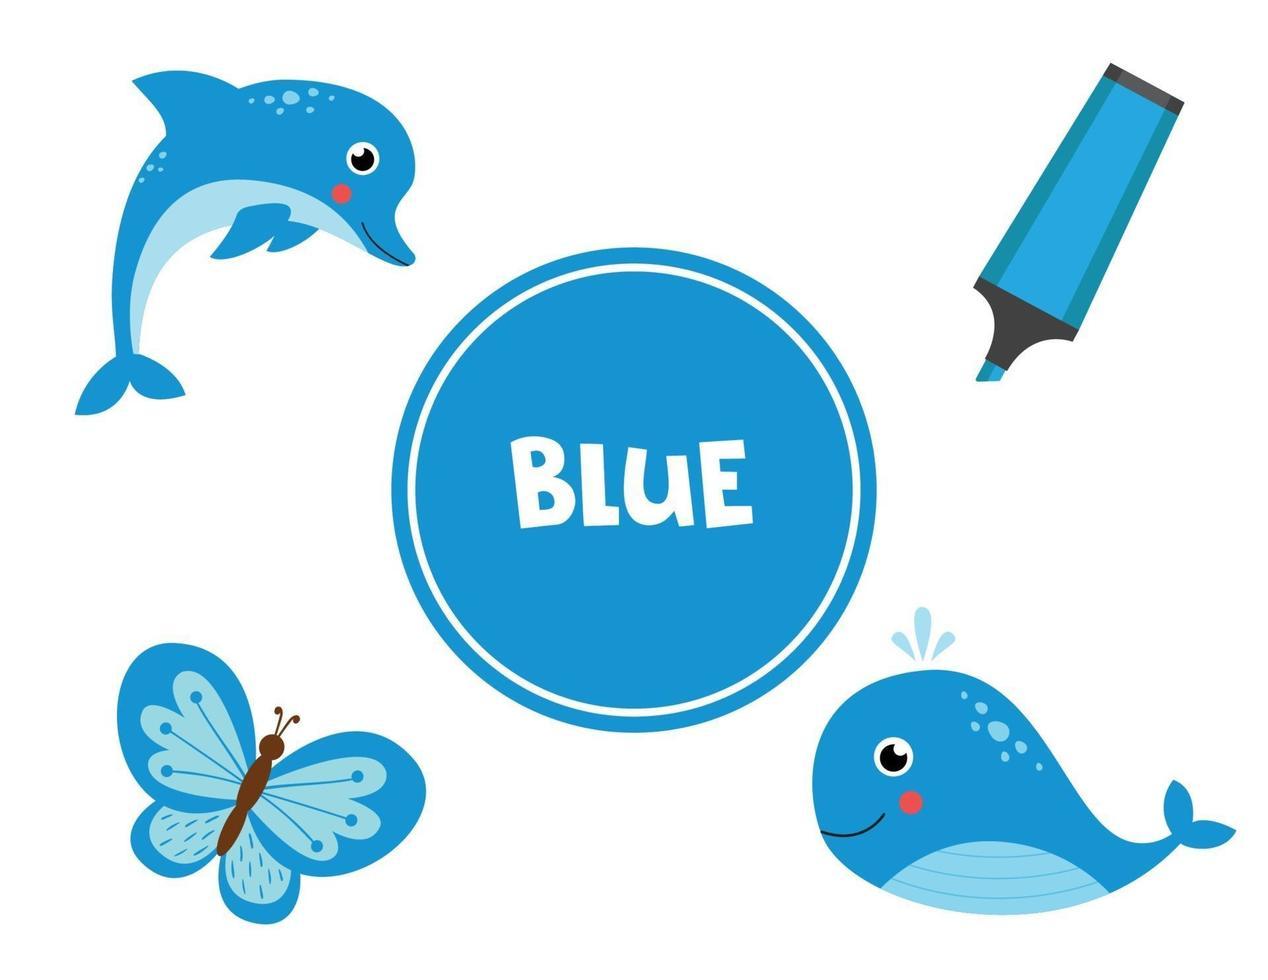 blauwe kleur leren voor kleuters. educatief werkblad. vector